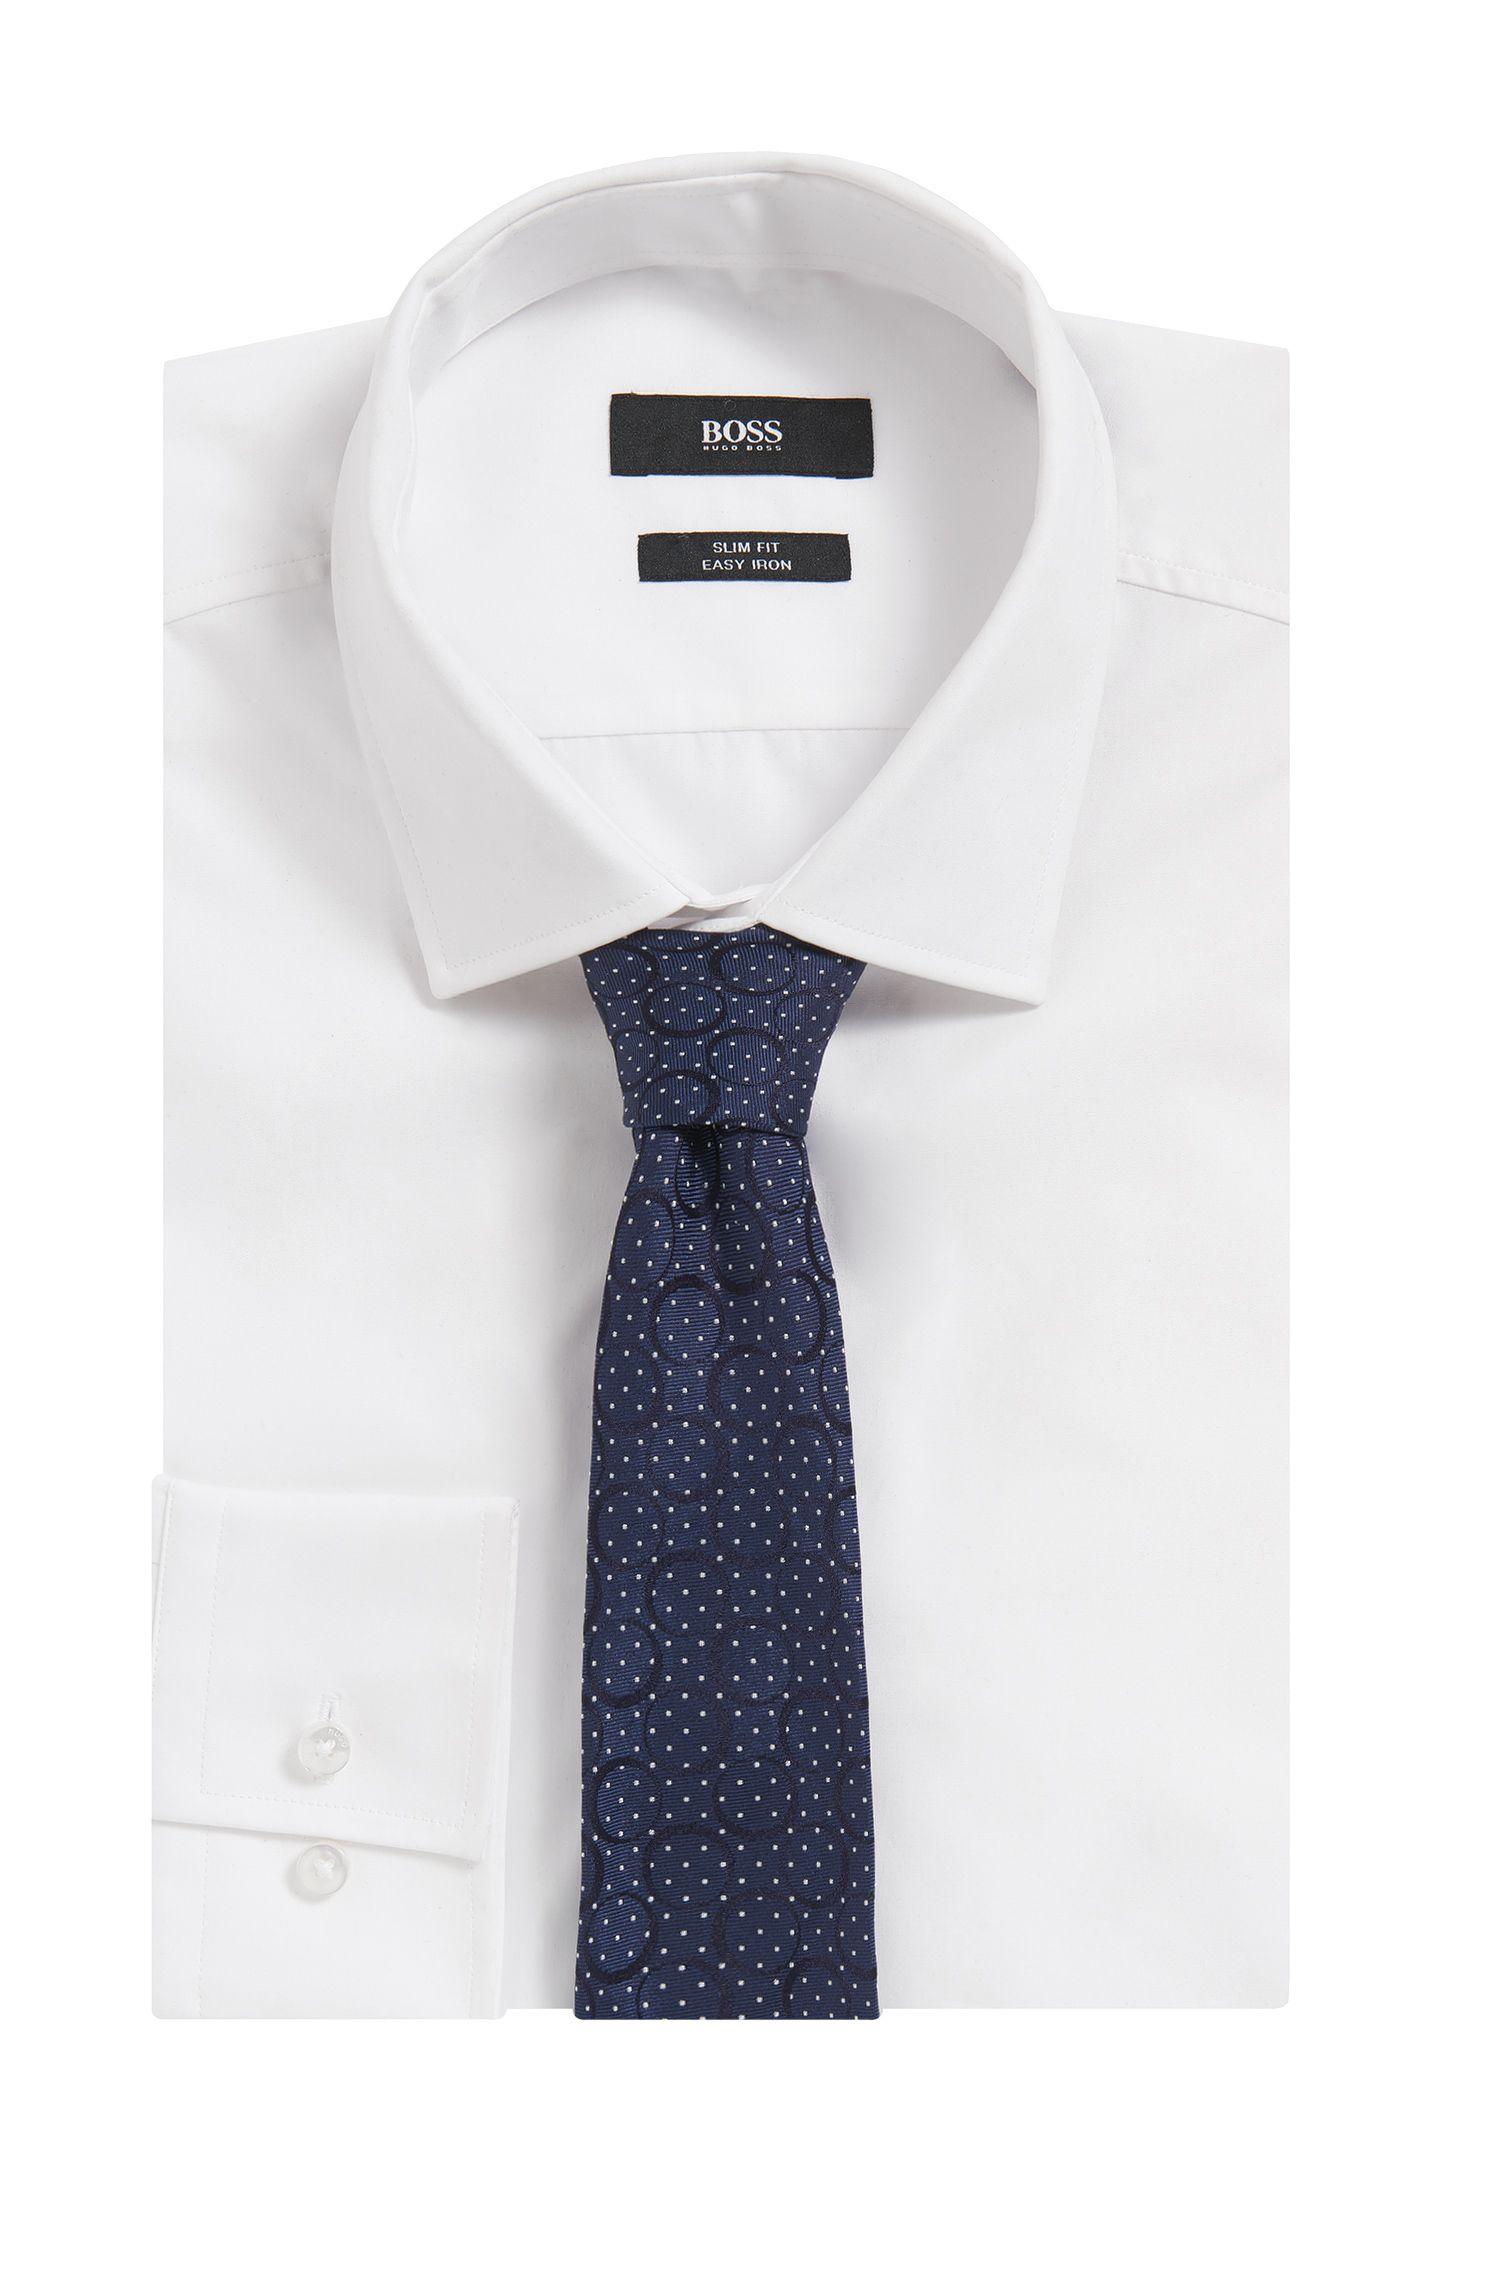 Cravatta realizzata in Italia in seta jacquard con motivo Paisley